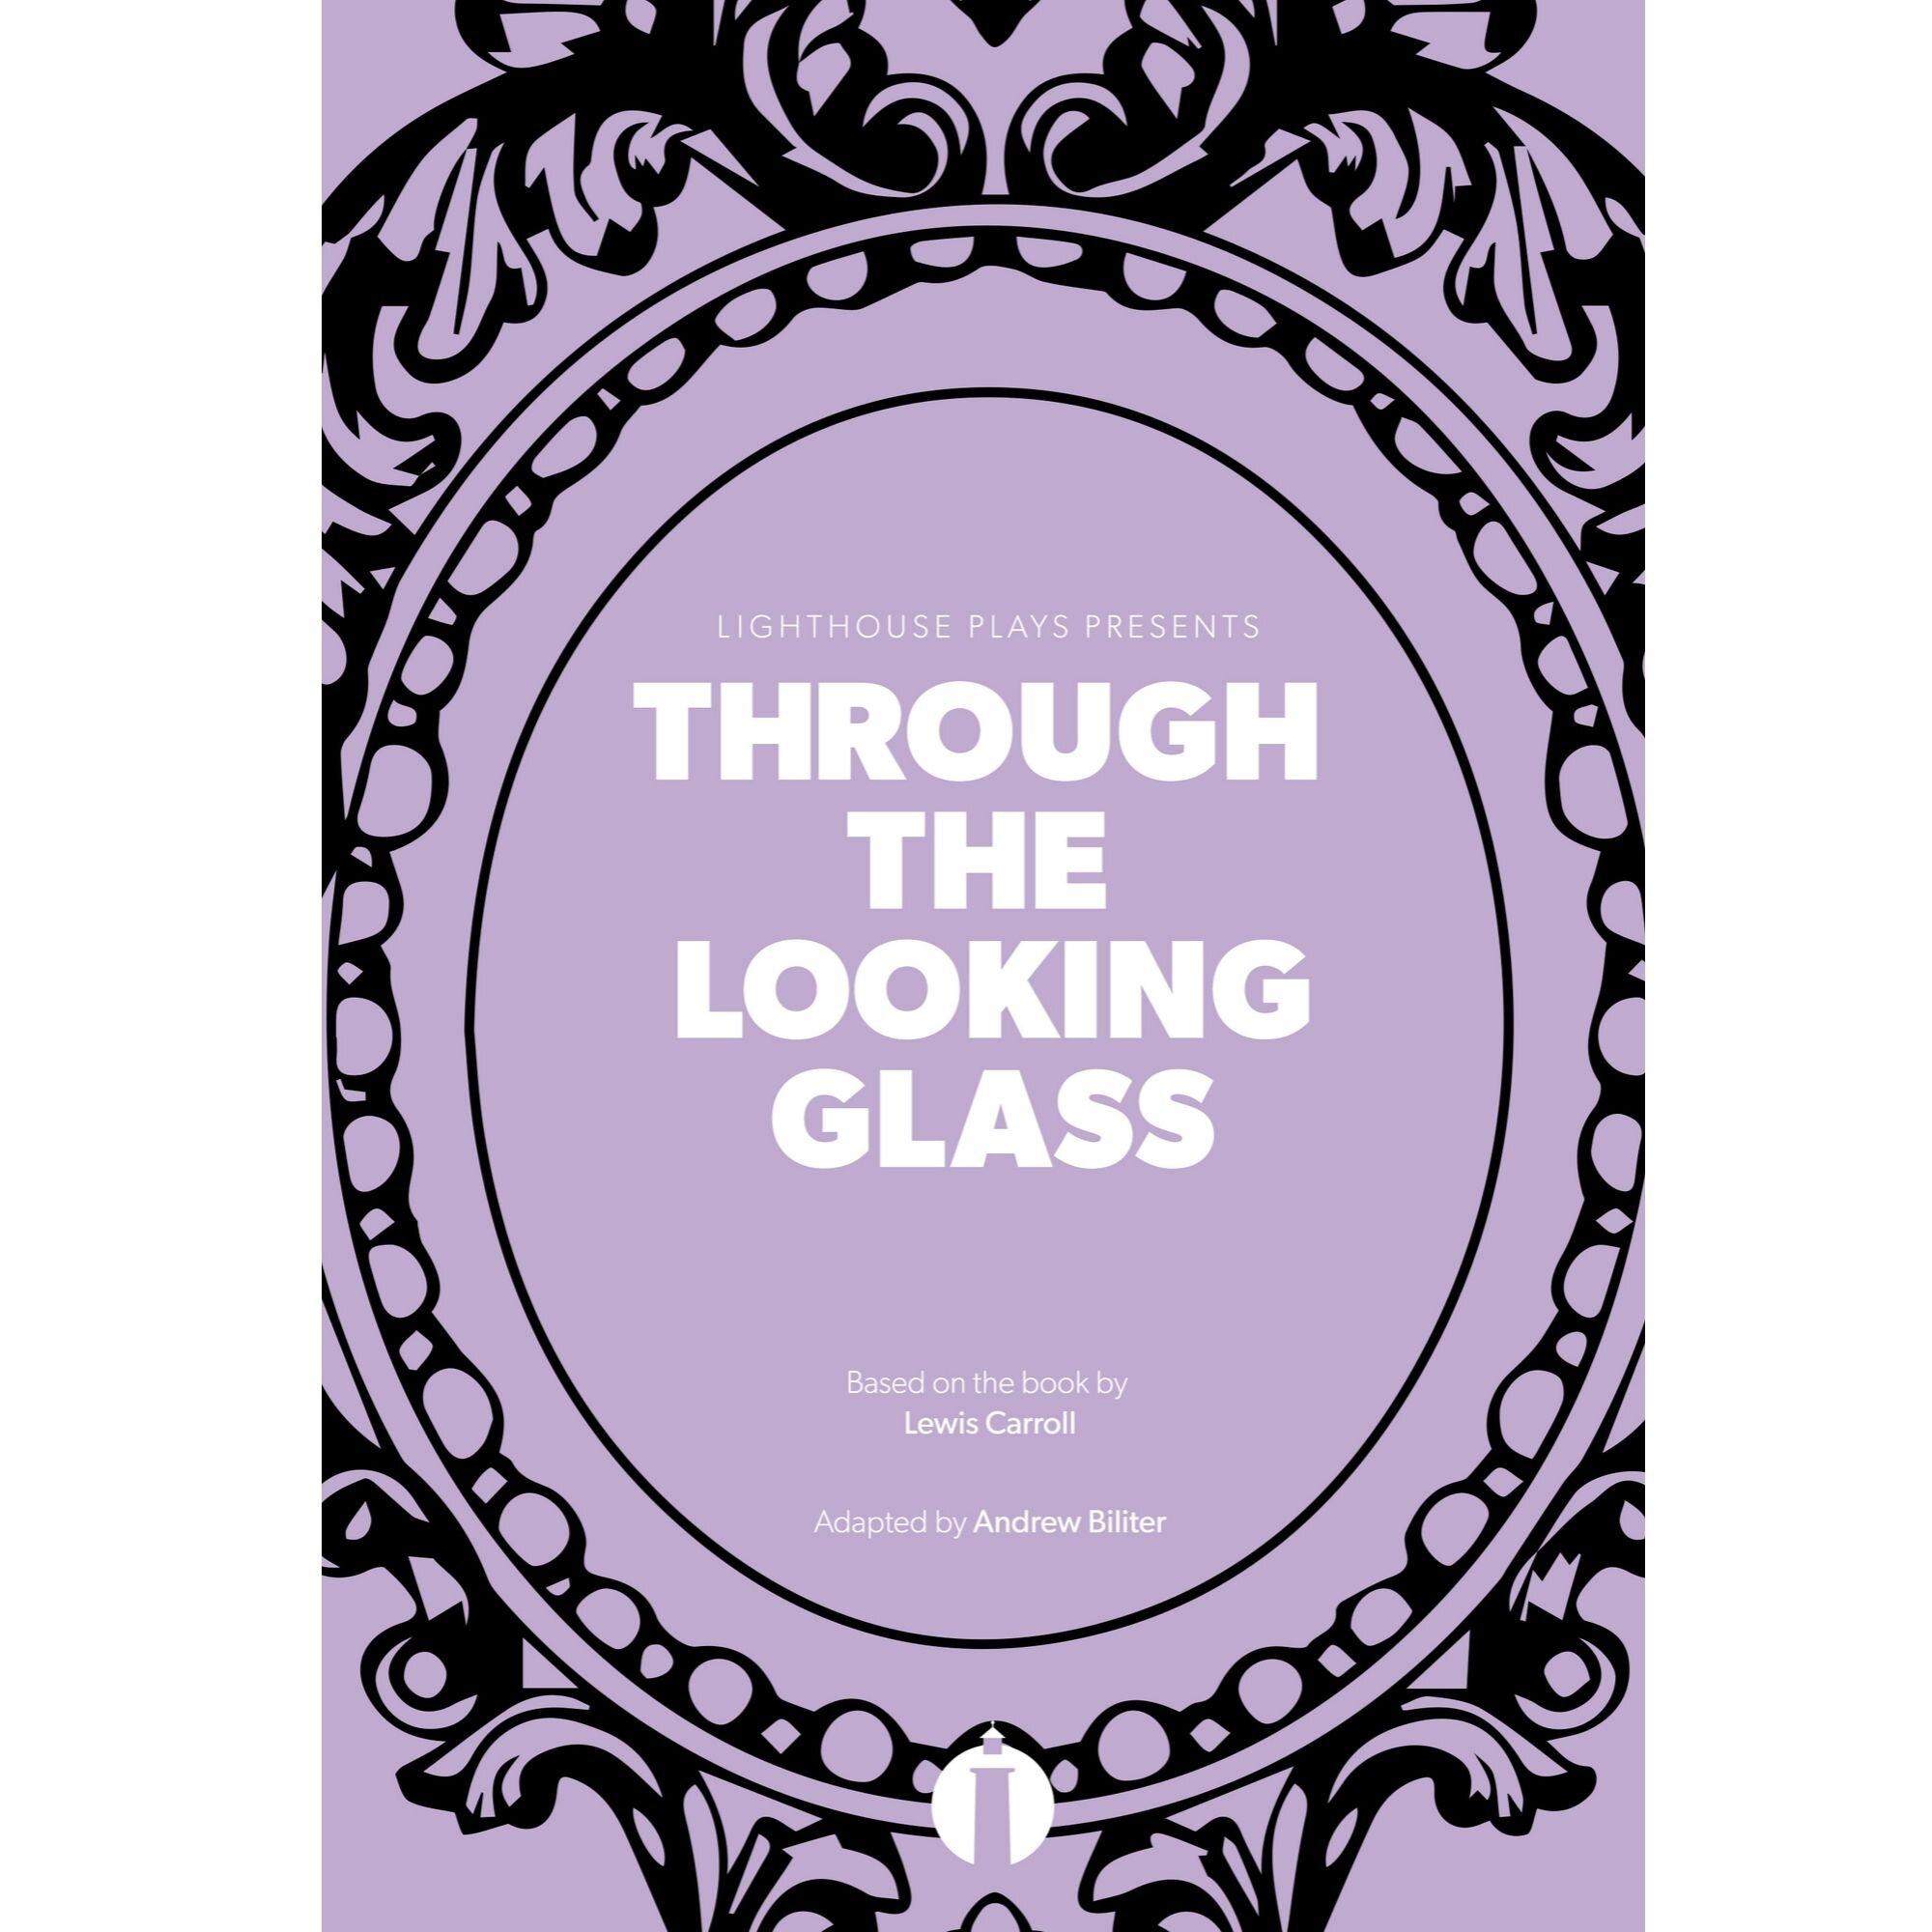 lookingglasscover_WHITEBORDERjpg.jpg